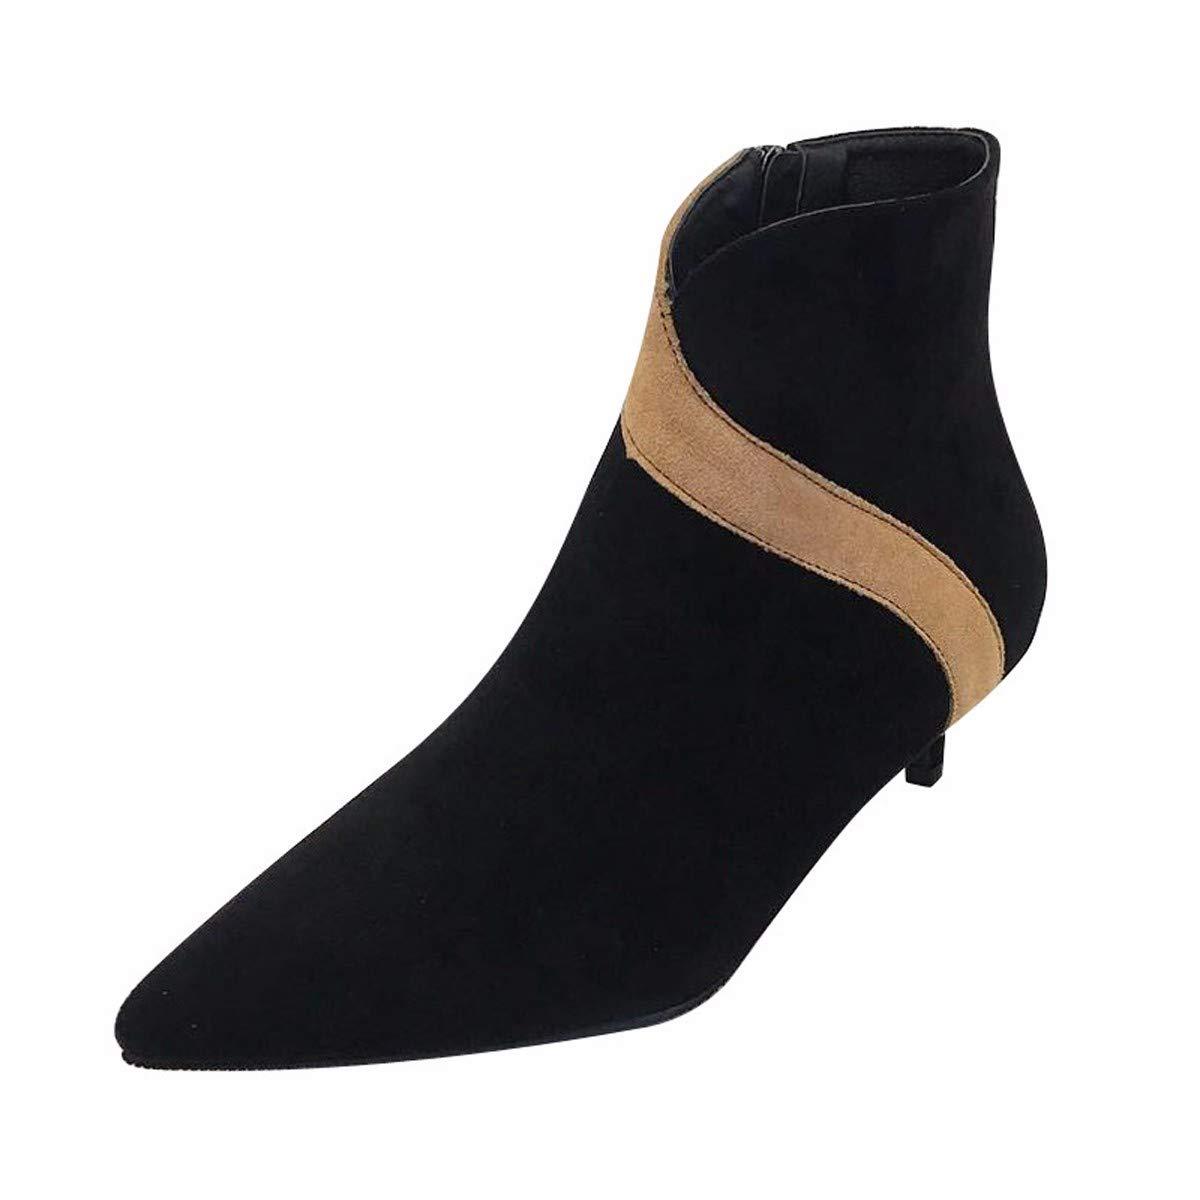 HBDLH Scarpe da Donna dei Colorei con Un Alto 4Cm Sharp Testa Sottile Tacco Tacco Medio Camoscio Basso A Breve Gli Stivali .36 nero